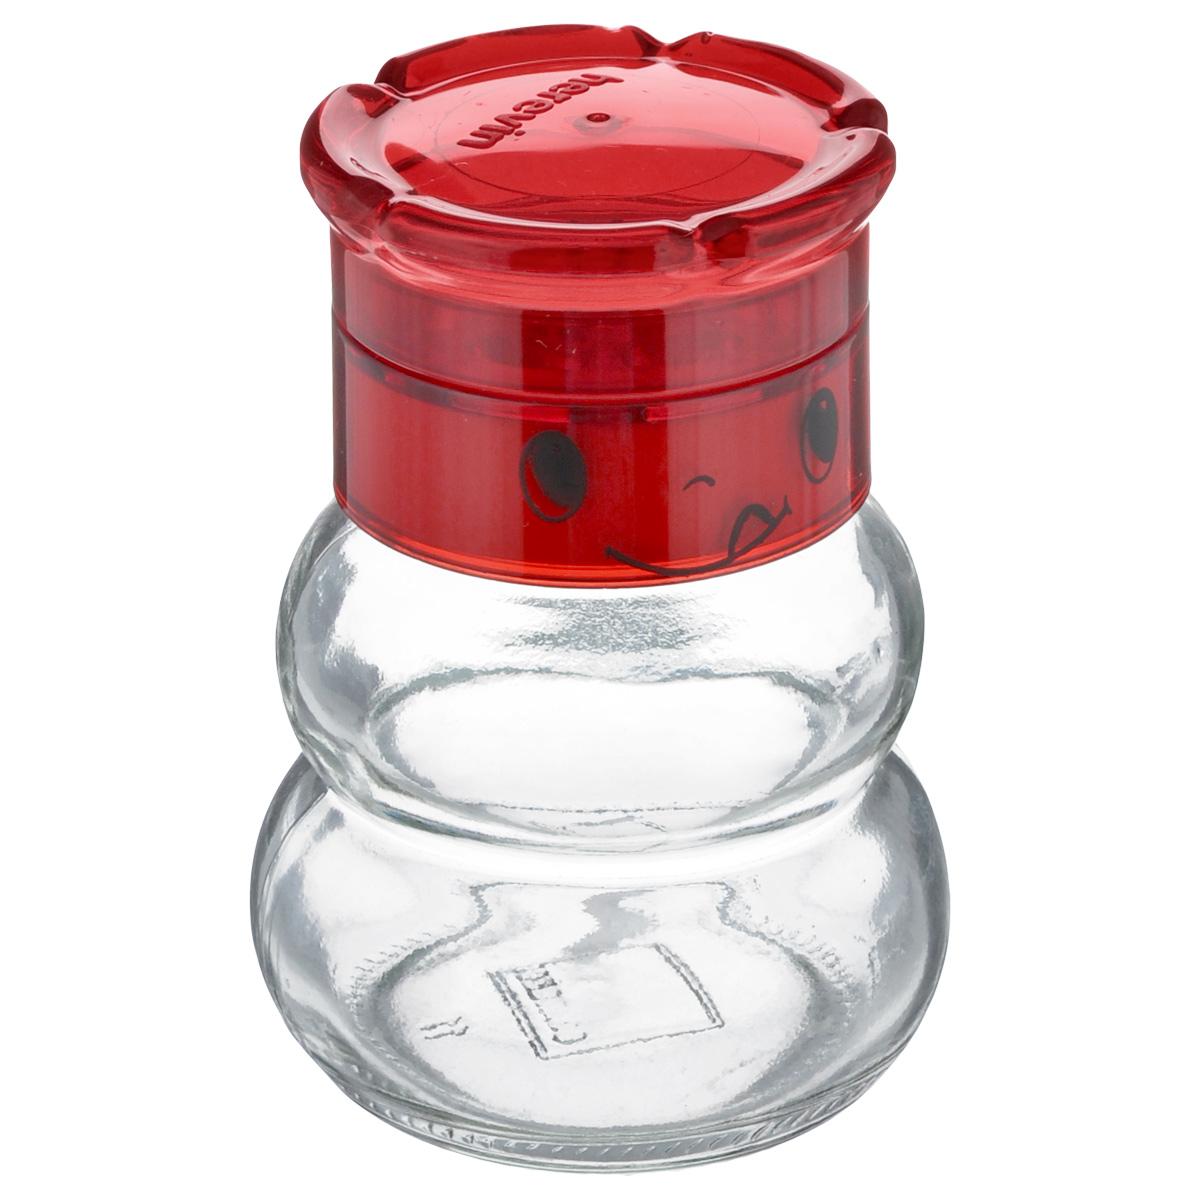 Перцемолка Solmazer, цвет: прозрачный, красный, 200 мл131650-000_прозрачный, красныйПерцемолка Solmazer предназначена для помола перца и других специй. Изделие, выполненное из стекла и прочного пластика, идеально подходит для сервировки стола. Перцемолка Solmazer добавит вашим блюдам яркие вкусовые краски. Созданная из высококачественных материалов и имеющая запатентованный и оригинальный механизм, перцемолка станет незаменимым атрибутом на вашем столе. Она удобна в использовании и имеет оригинальный современный дизайн, который станет ярким акцентом в интерьере вашей кухни. Диаметр основания: 6 см. Высота: 10 см. Объем: 200 мл.